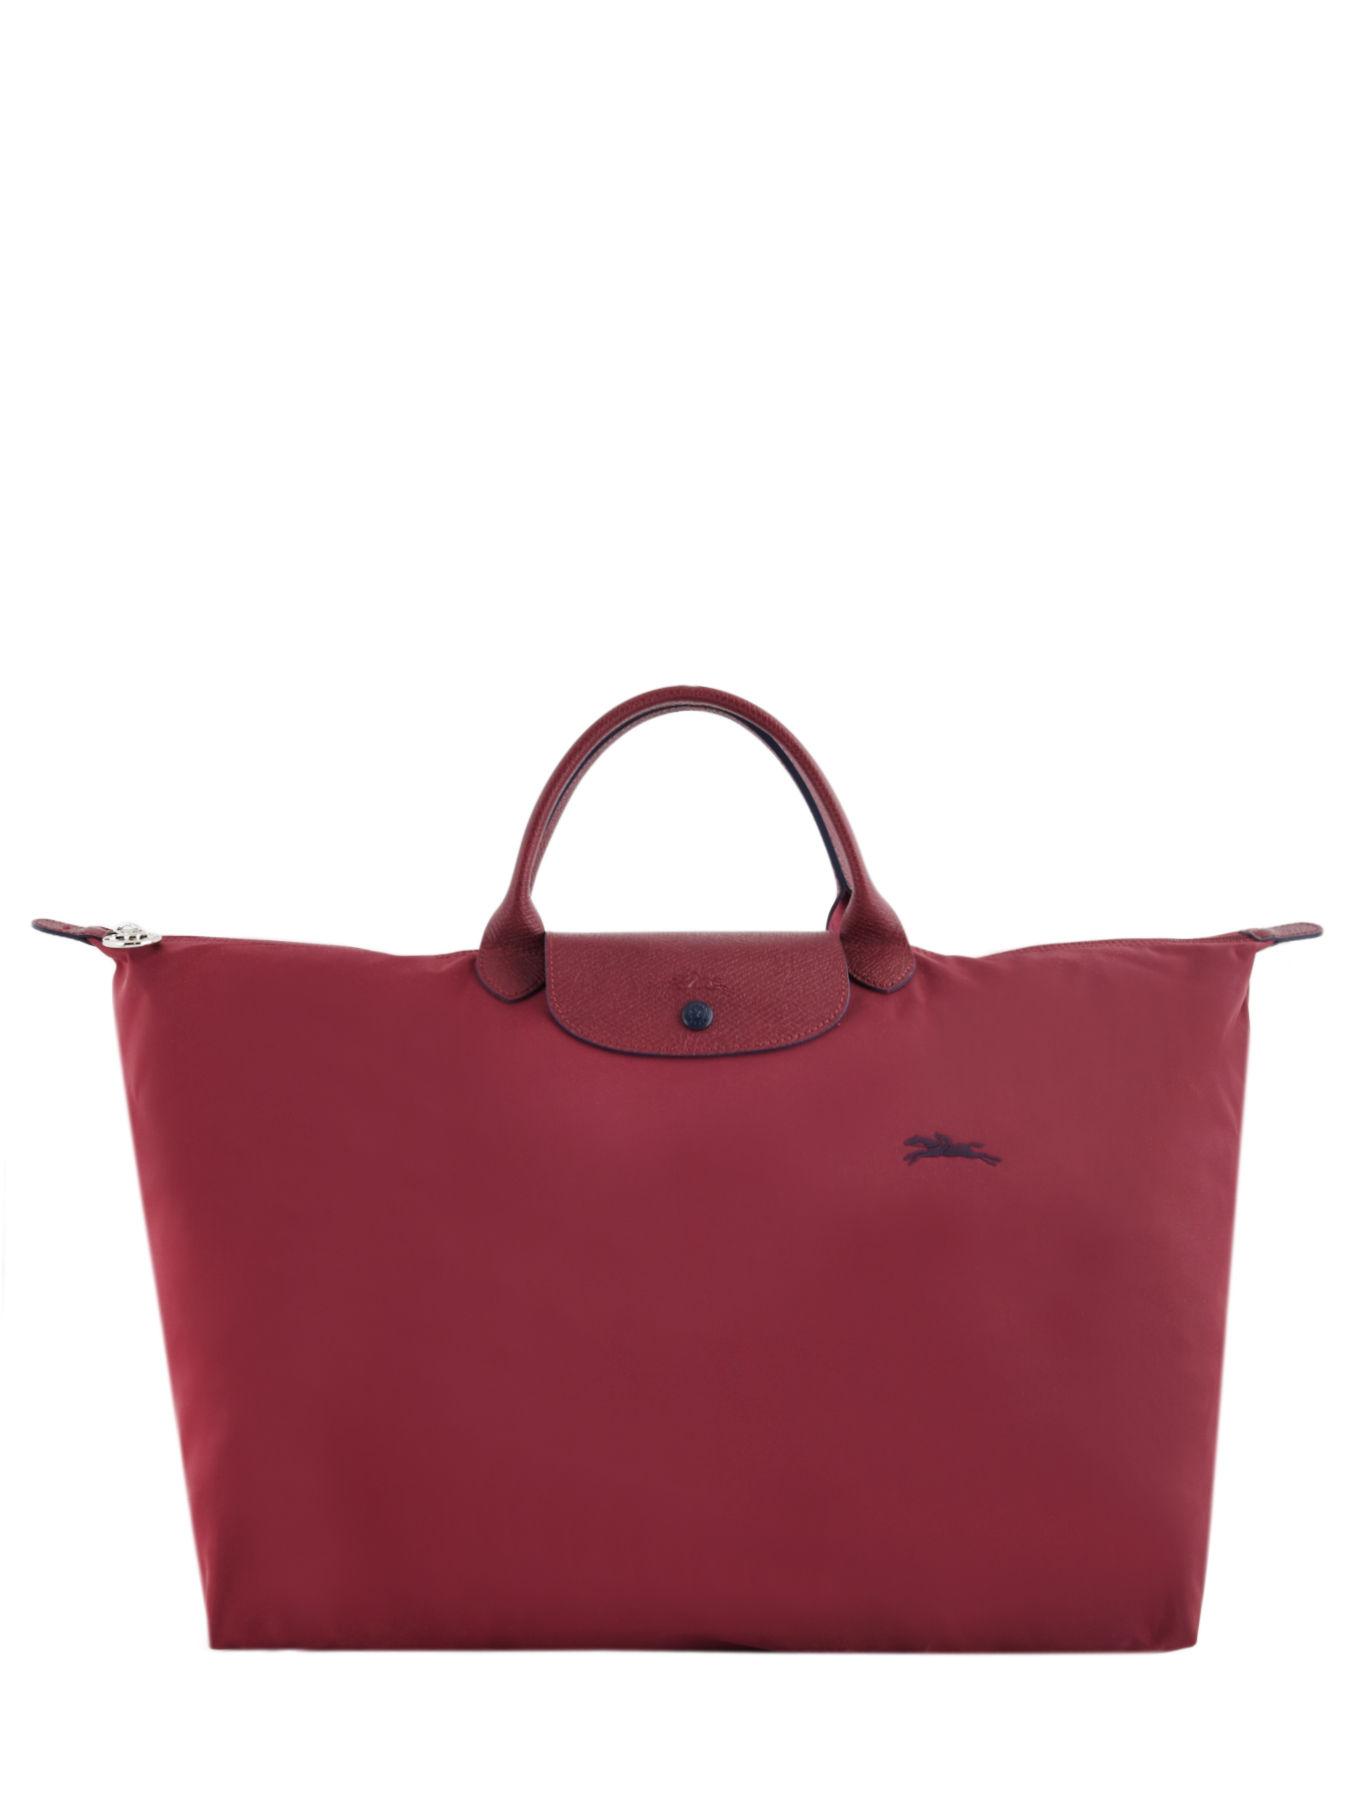 35206b276c sac longchamp pas cher avec livraison gratuite